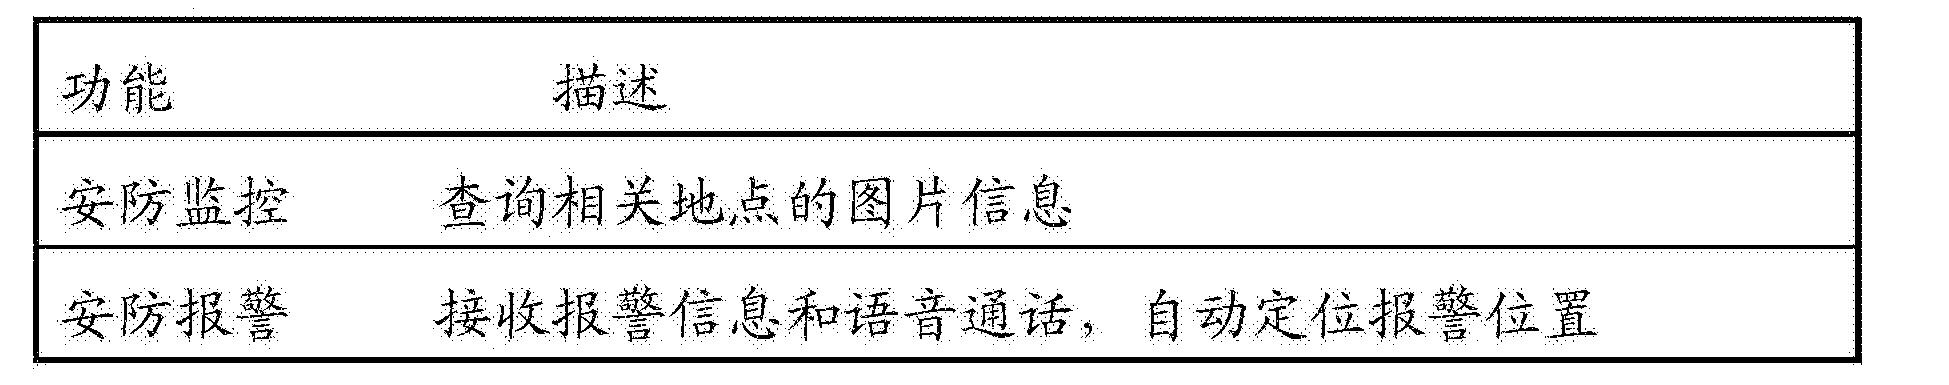 Figure CN104202881BD00071